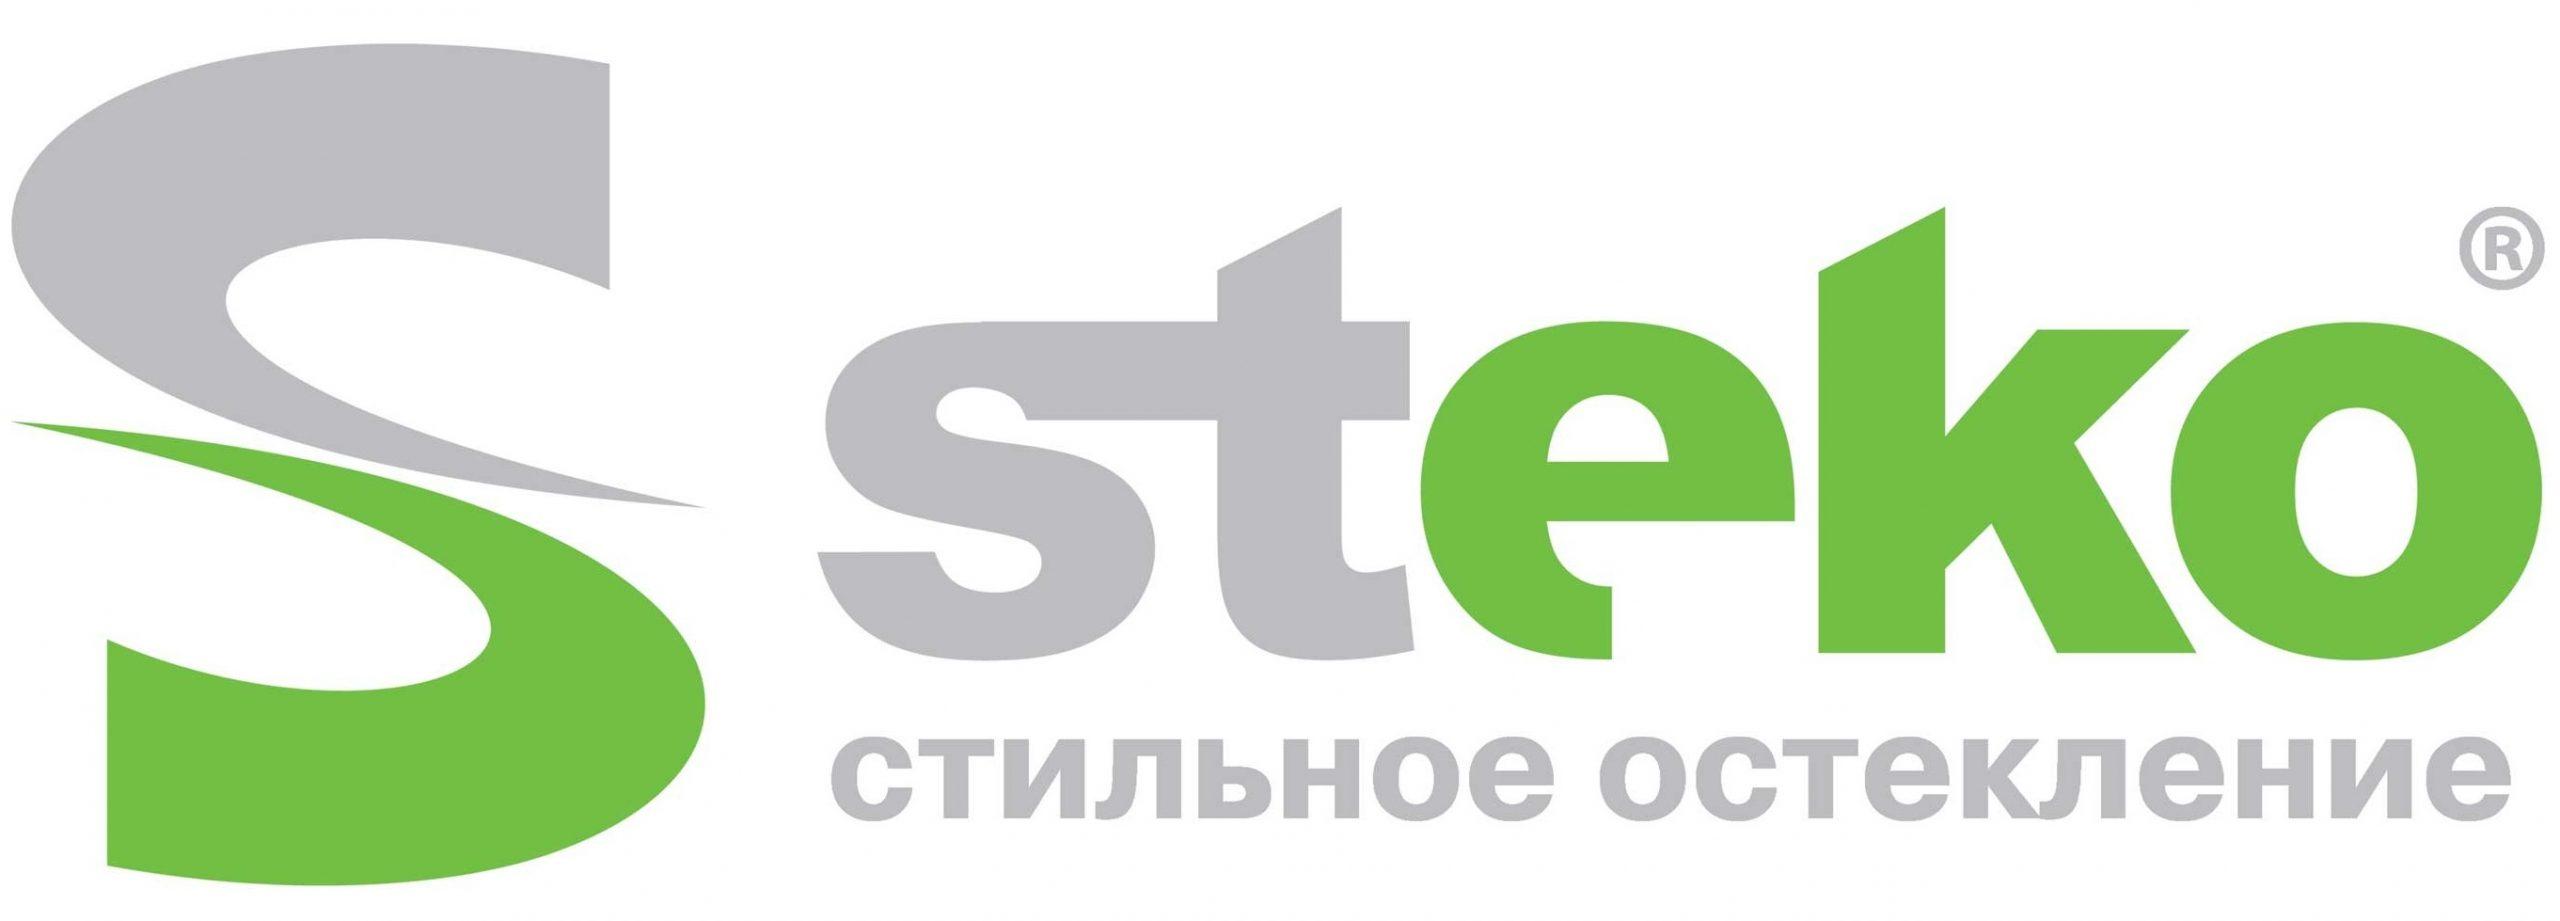 Качество и надежность  с  фирмой  «Стеко»